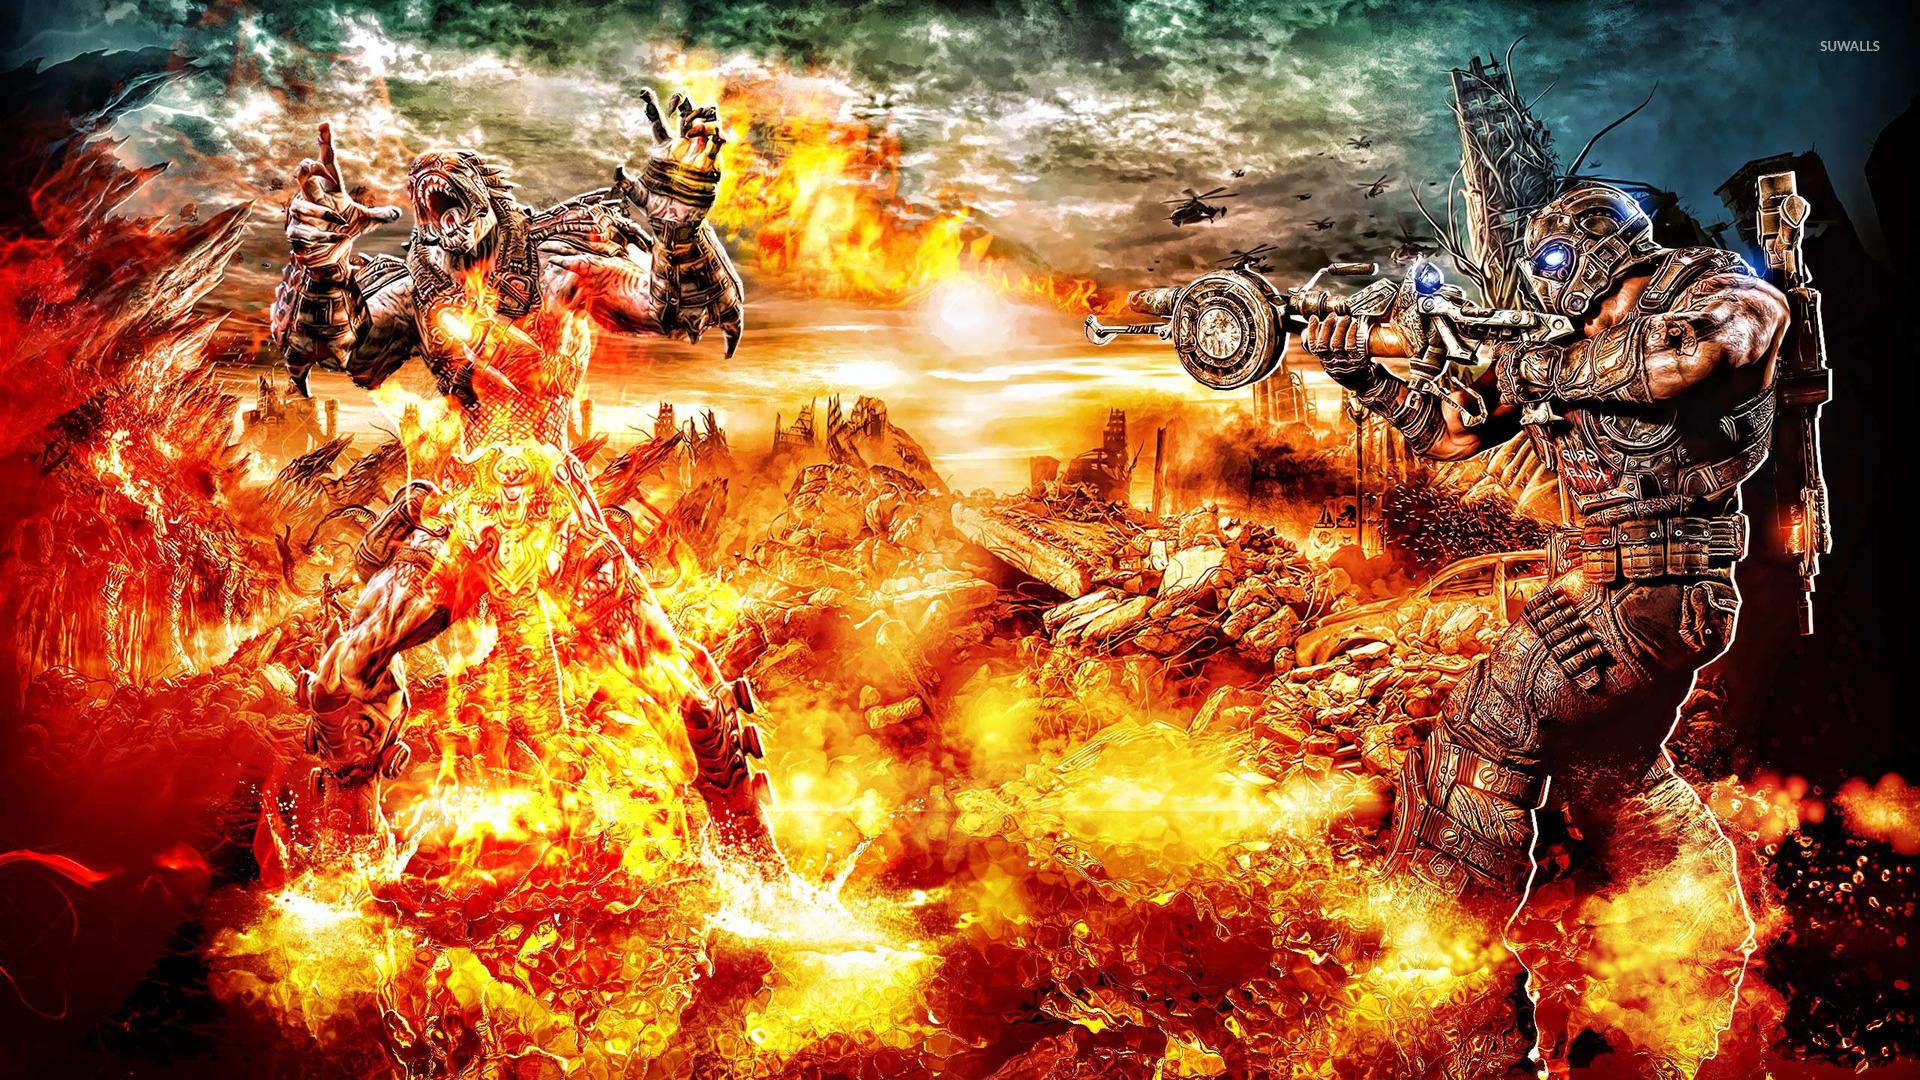 gears of war 3 10 wallpaper game wallpapers 18882